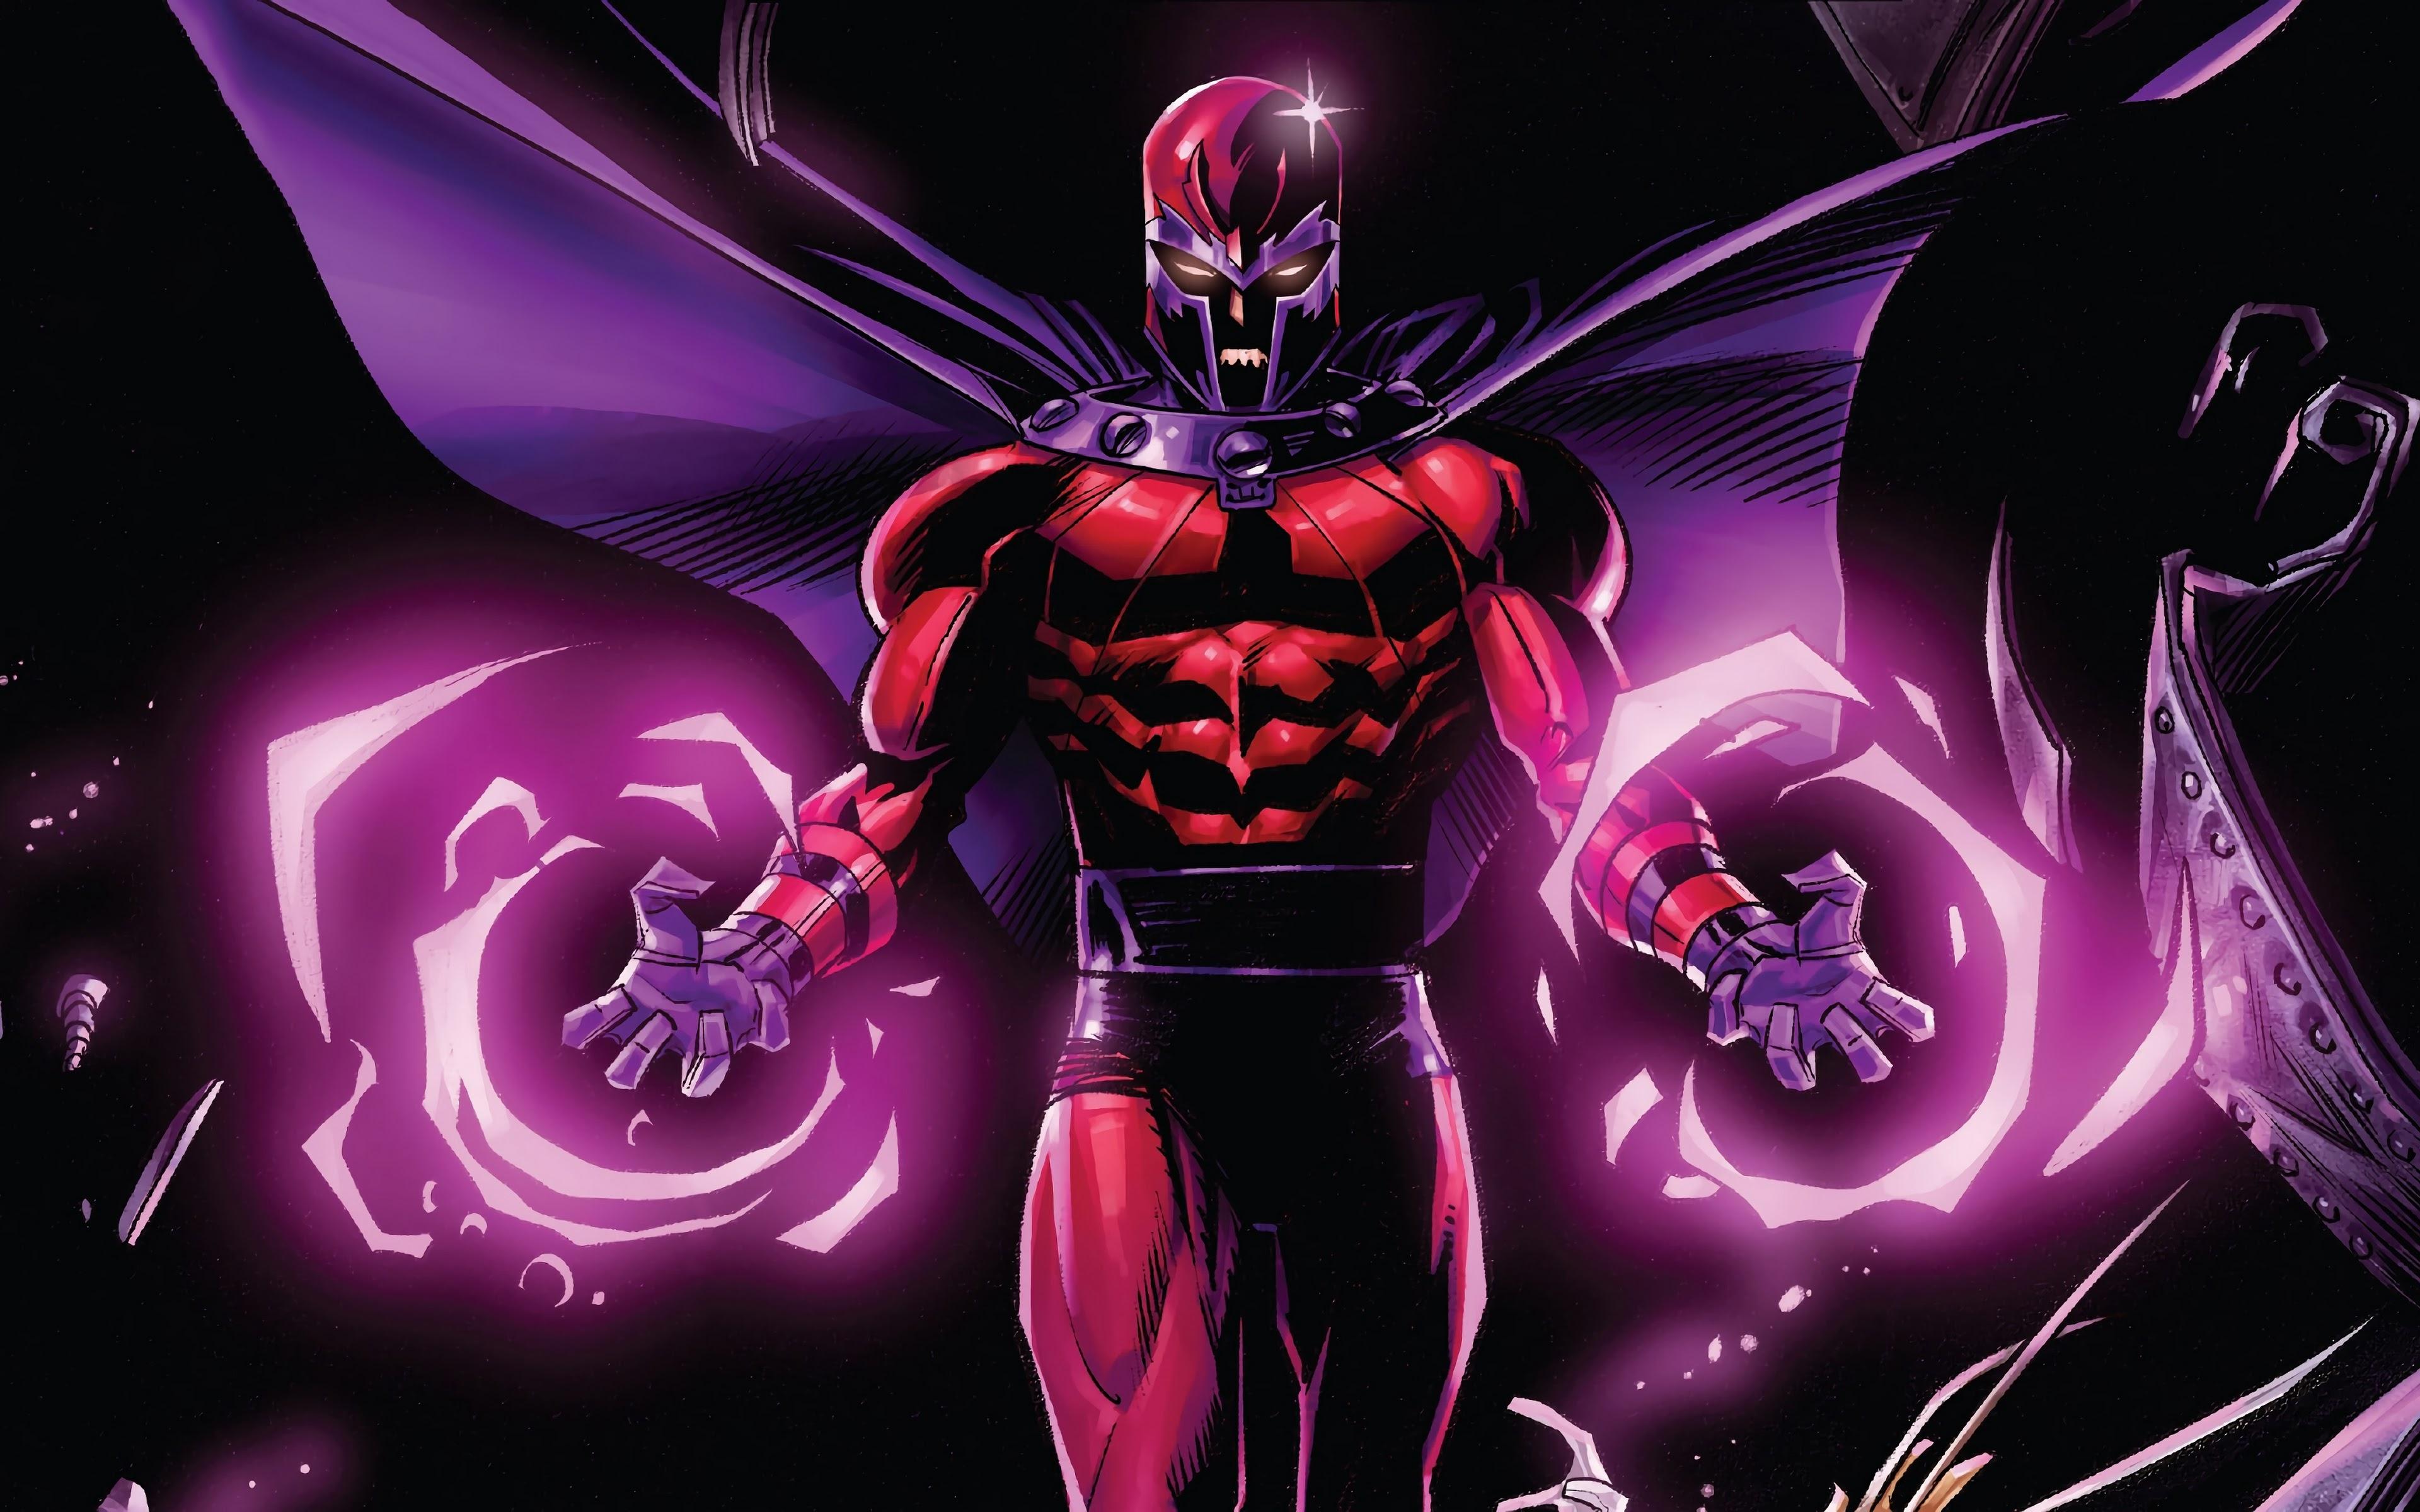 Magneto 4K Wallpaper 60 3840x2400